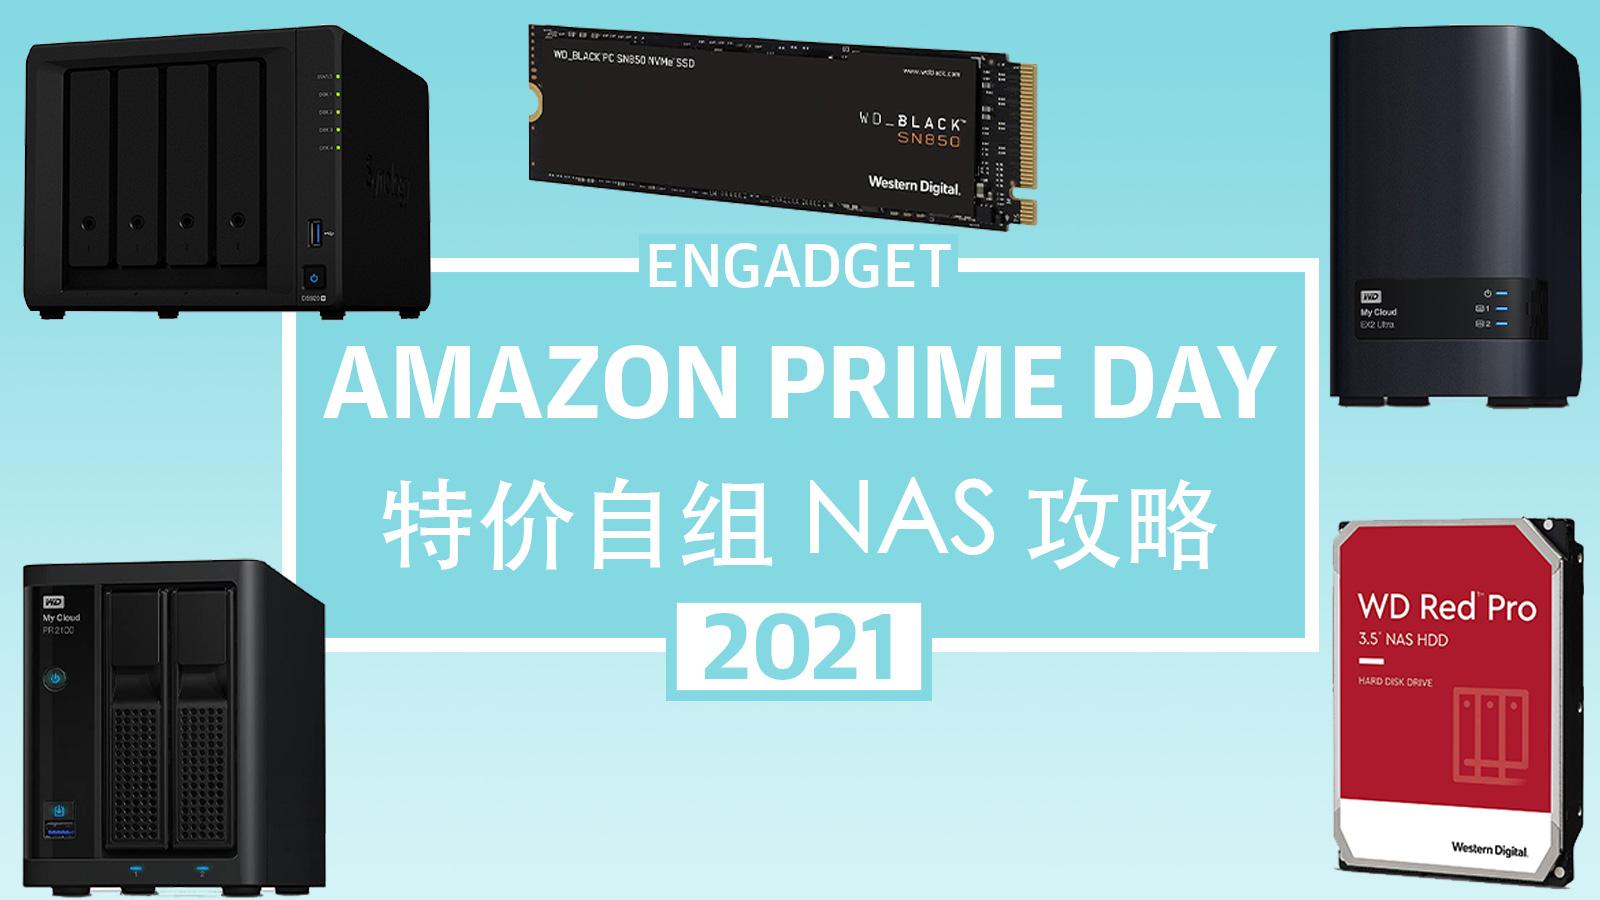 2021 年亞馬遜 Prime 會員日